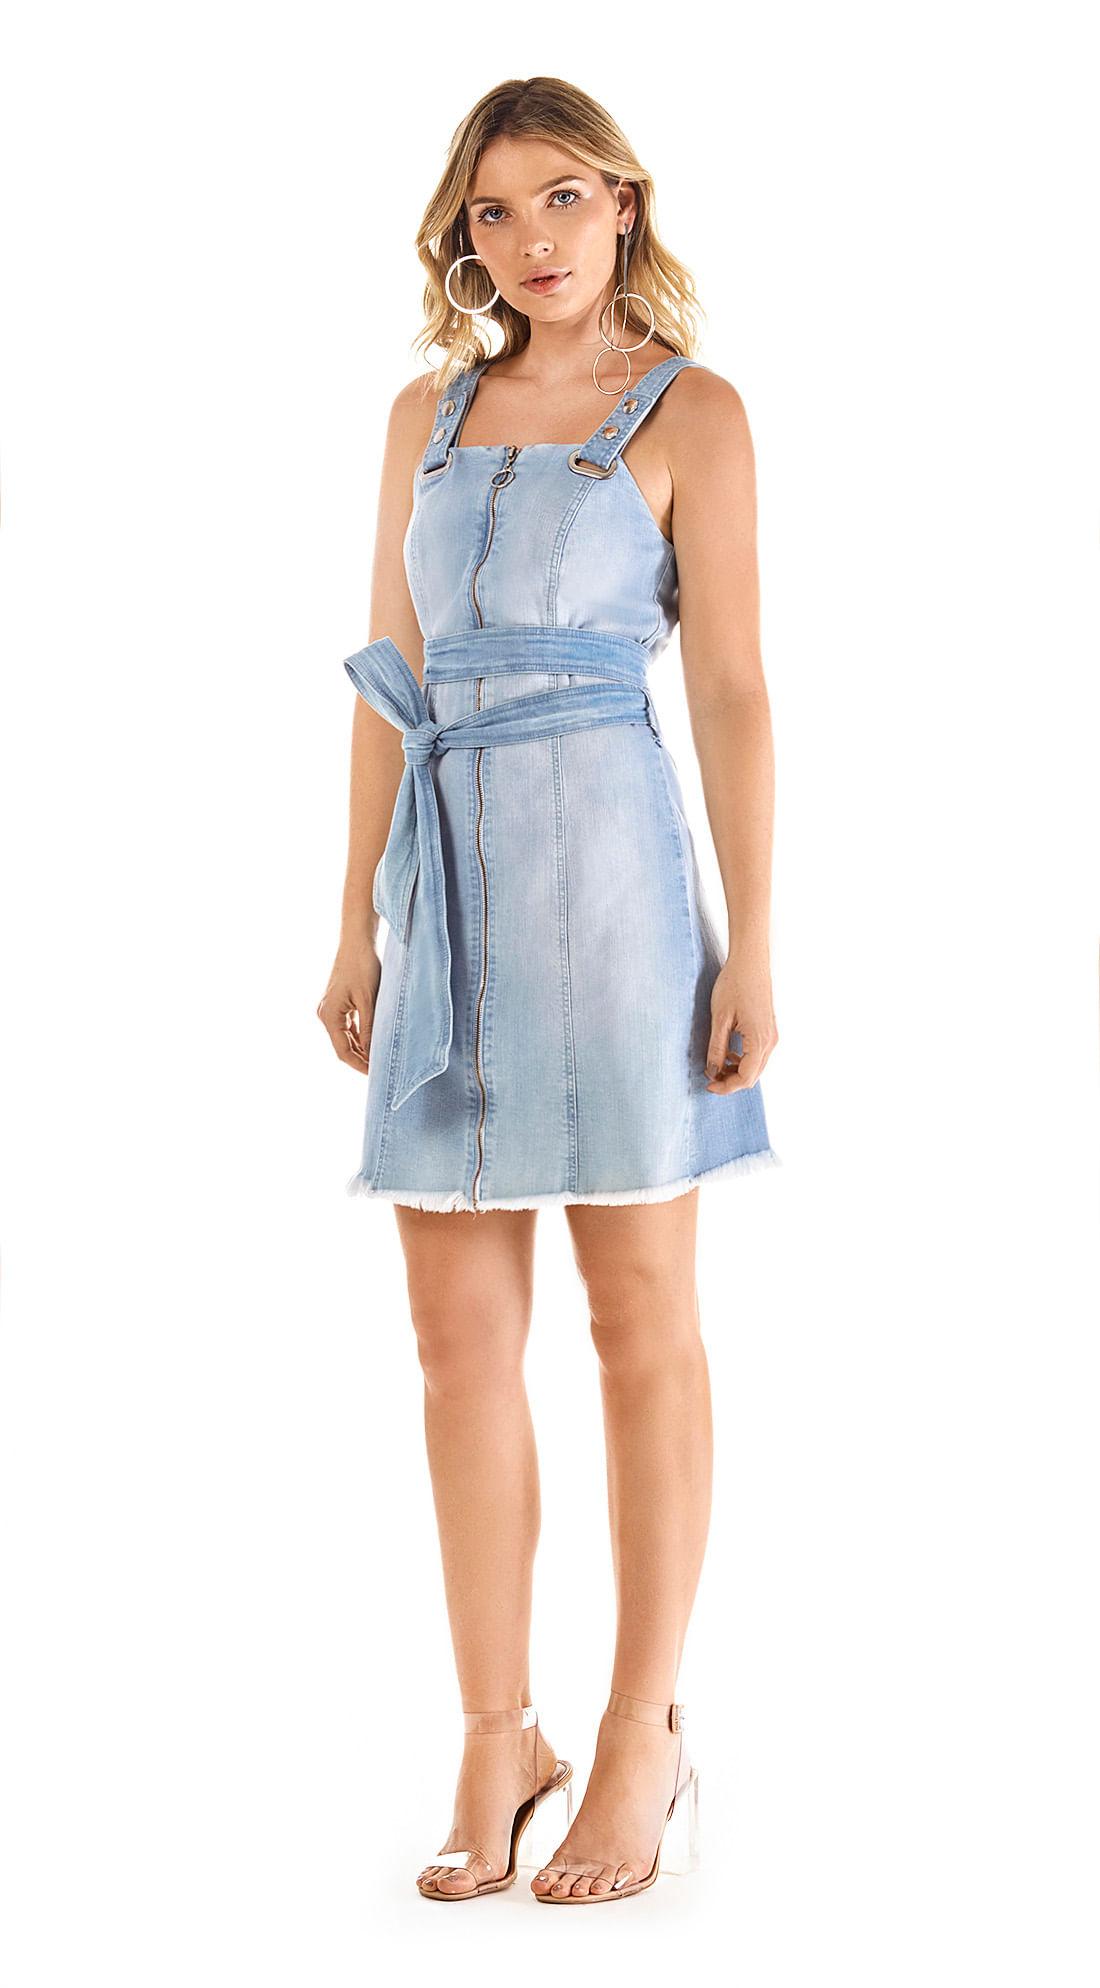 802466a4f Vestido Curto Decote Quadrado Com Faixa Jeans - morenarosa